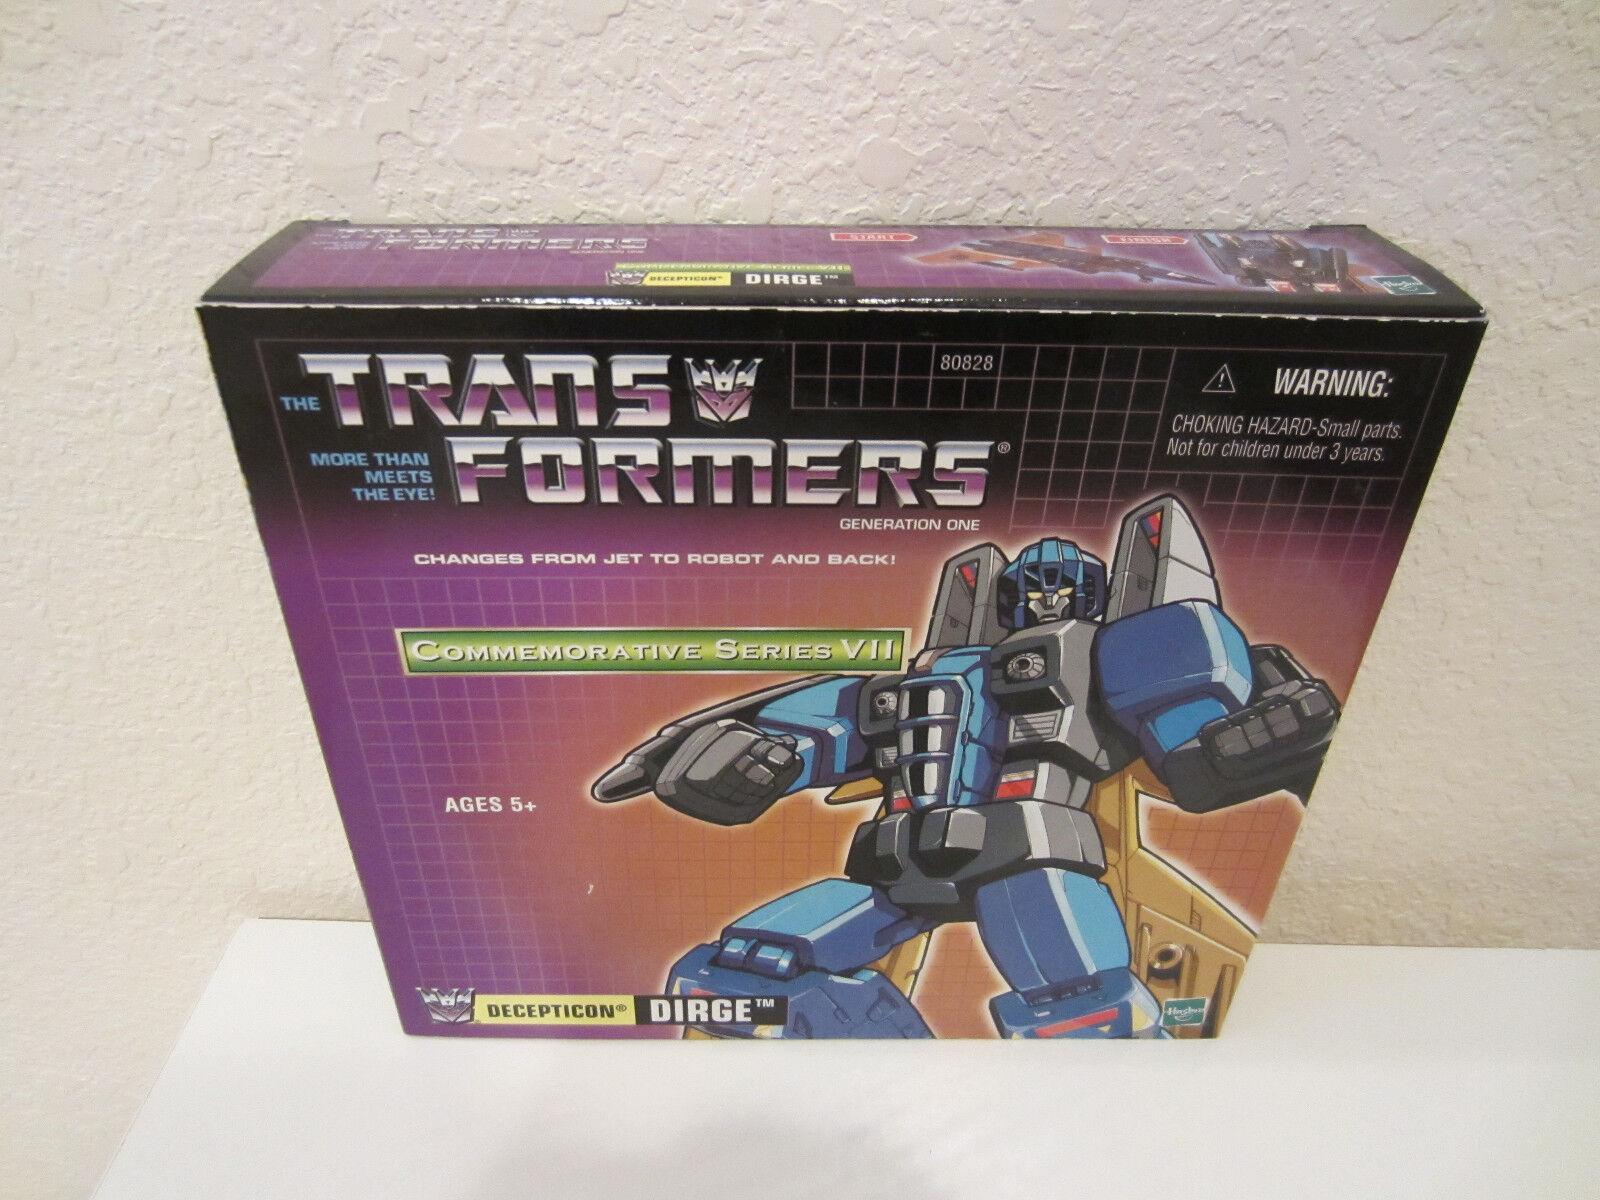 Acción Transformers G1 F Tru Conmemorativa serie VII Decepticon fúnebre 2003 sin usar y en caja sellada